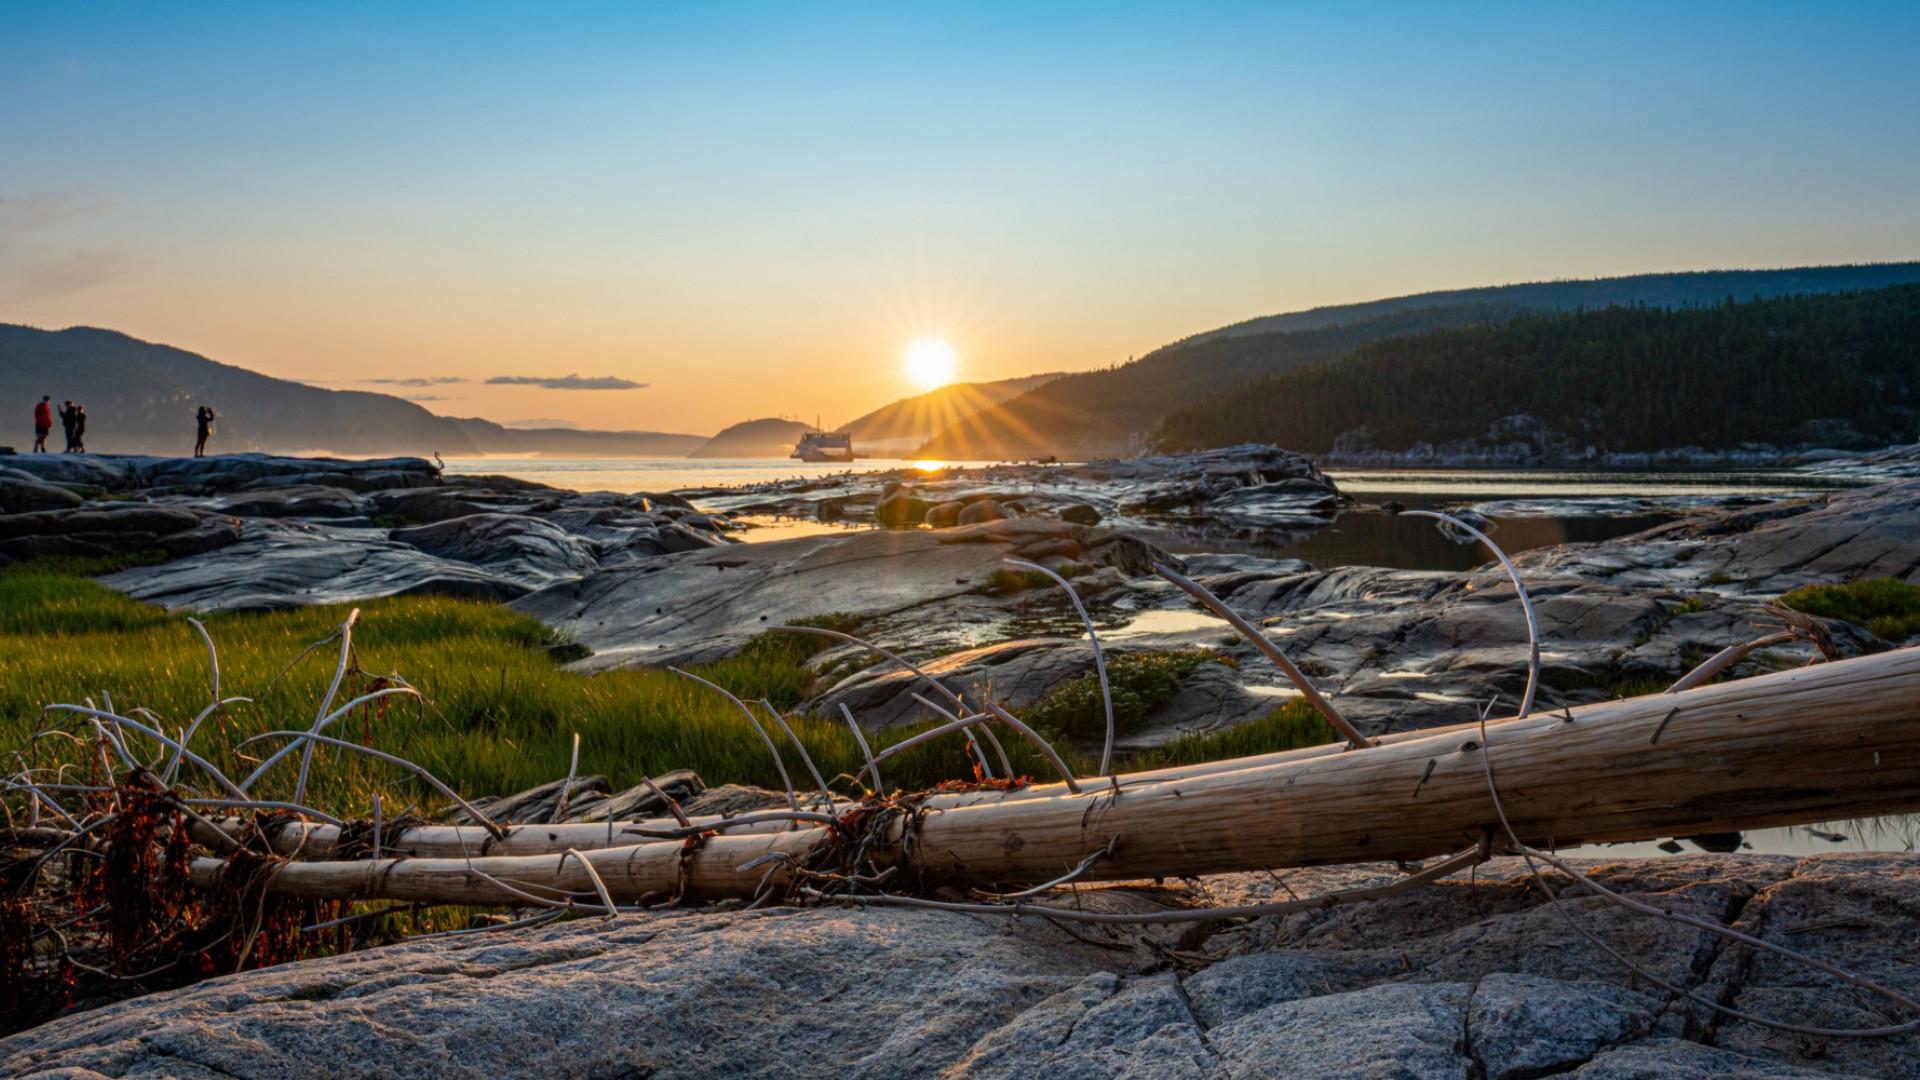 saguenay fjord in quebec